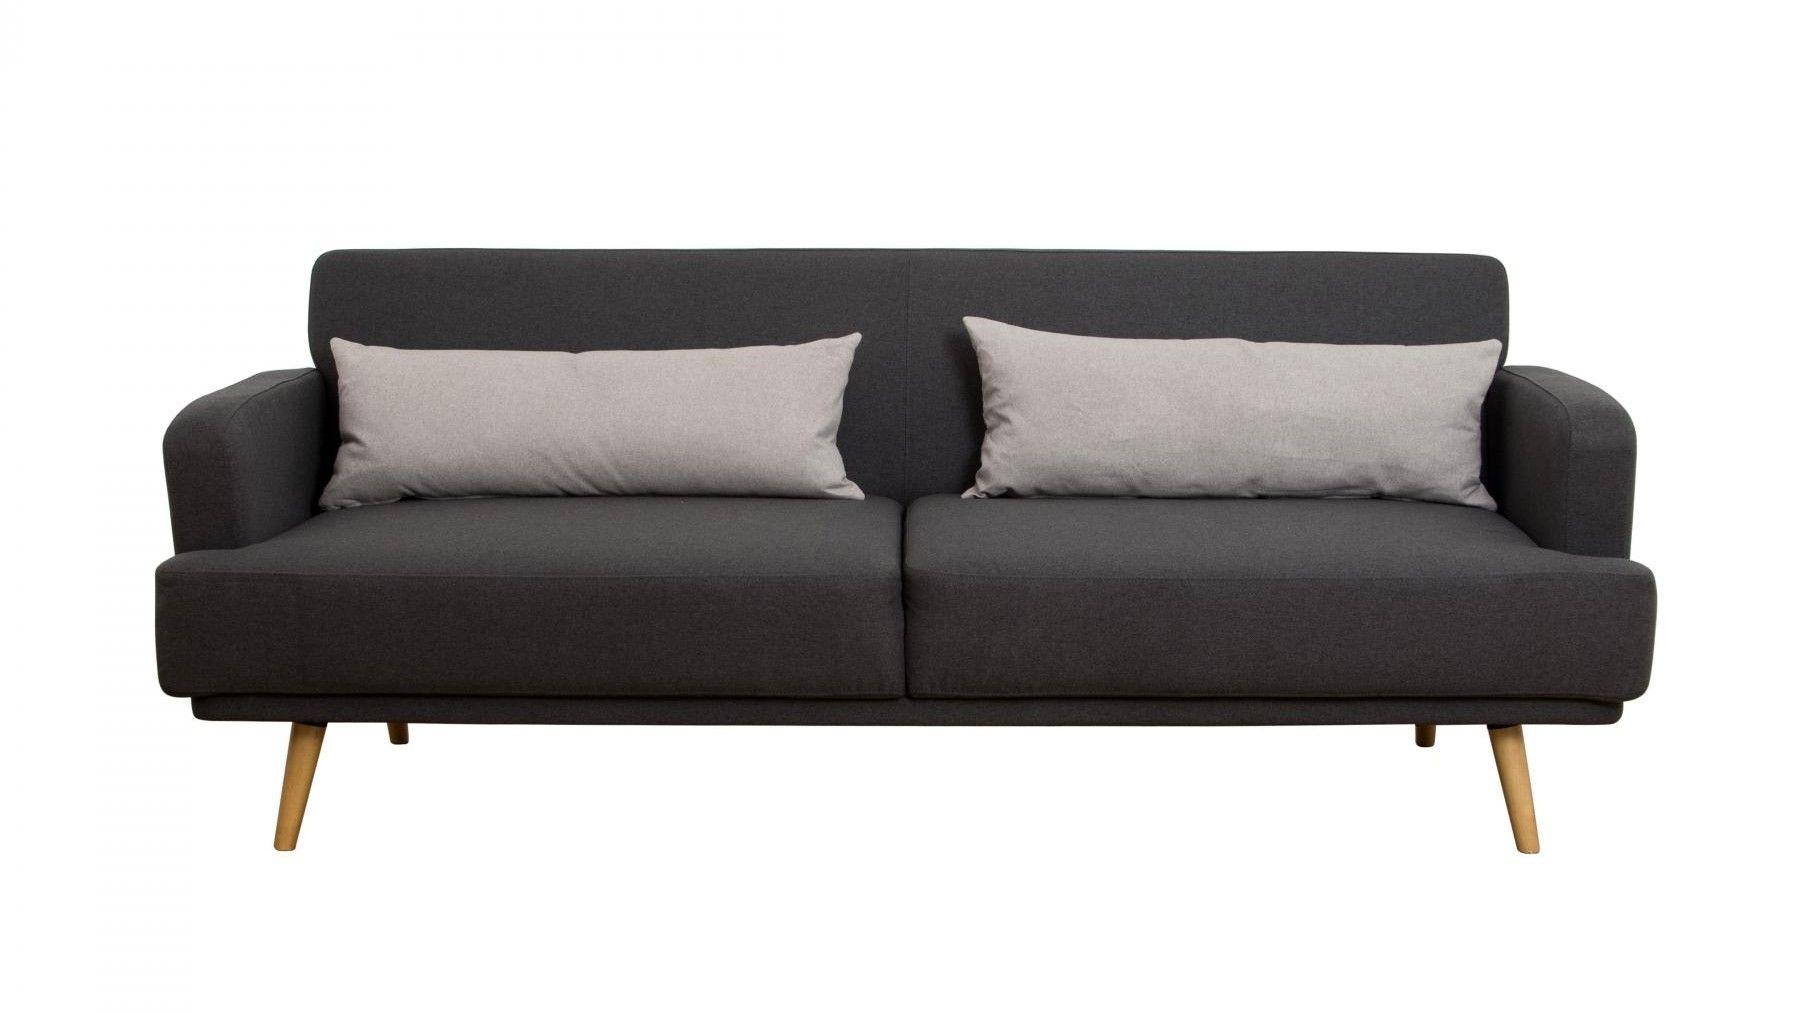 Gemma Fabric Click Clack Sofa Bed Sofa Bed Sofa Sofa